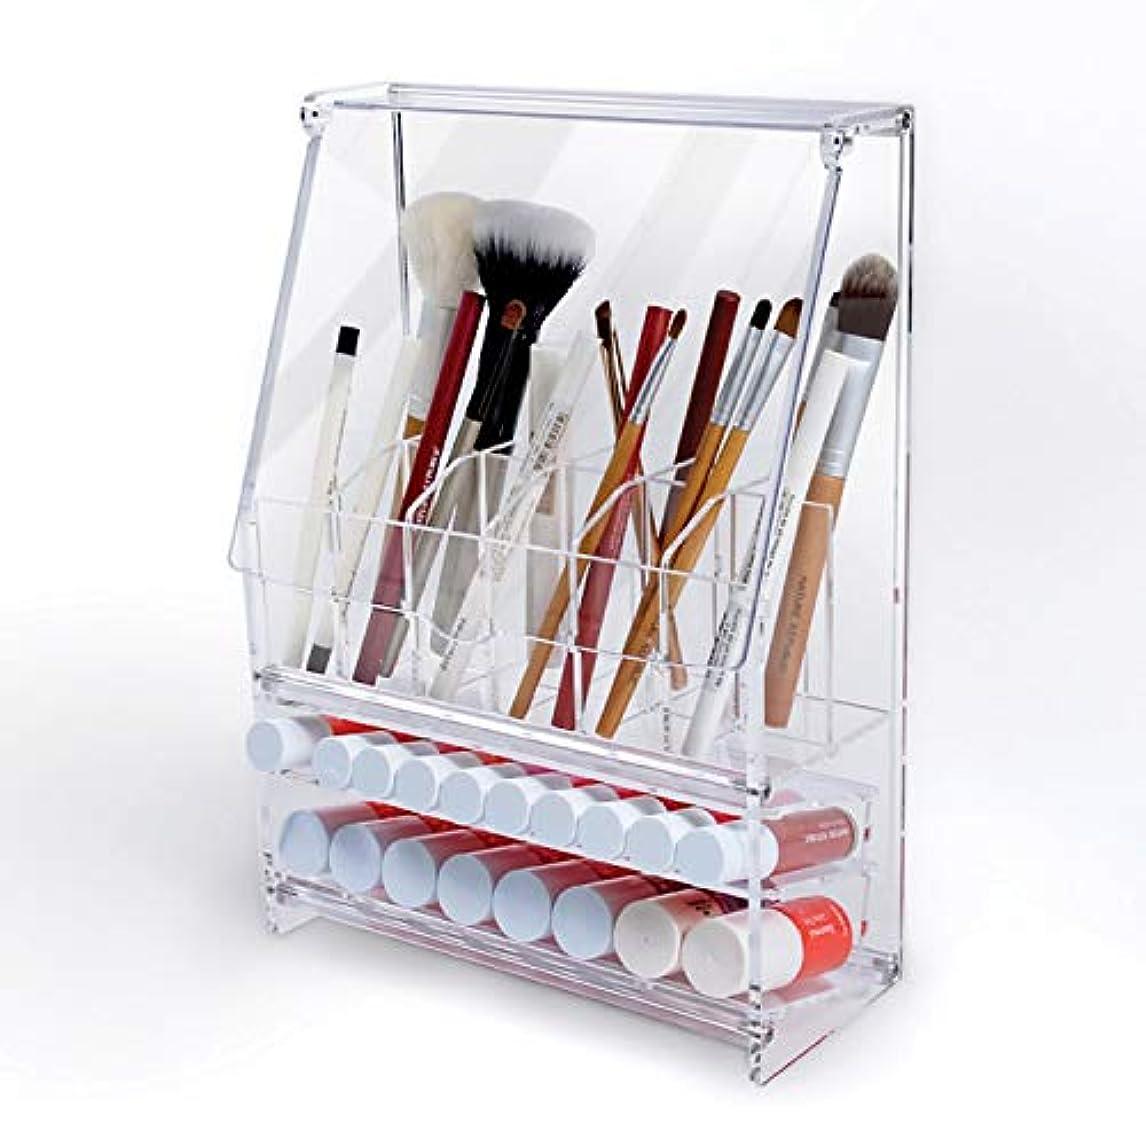 一時解雇するひいきにするテーマAtic Acrylic アクリル DIY 透明 コスメケース 蓋付き/メイクケース メイク ボックス 化粧品 入れ コスメ リップスティック ブラシ 収納 スタンド/Organizer storage For Pencil &Brush &Lipstick [並行輸入品]